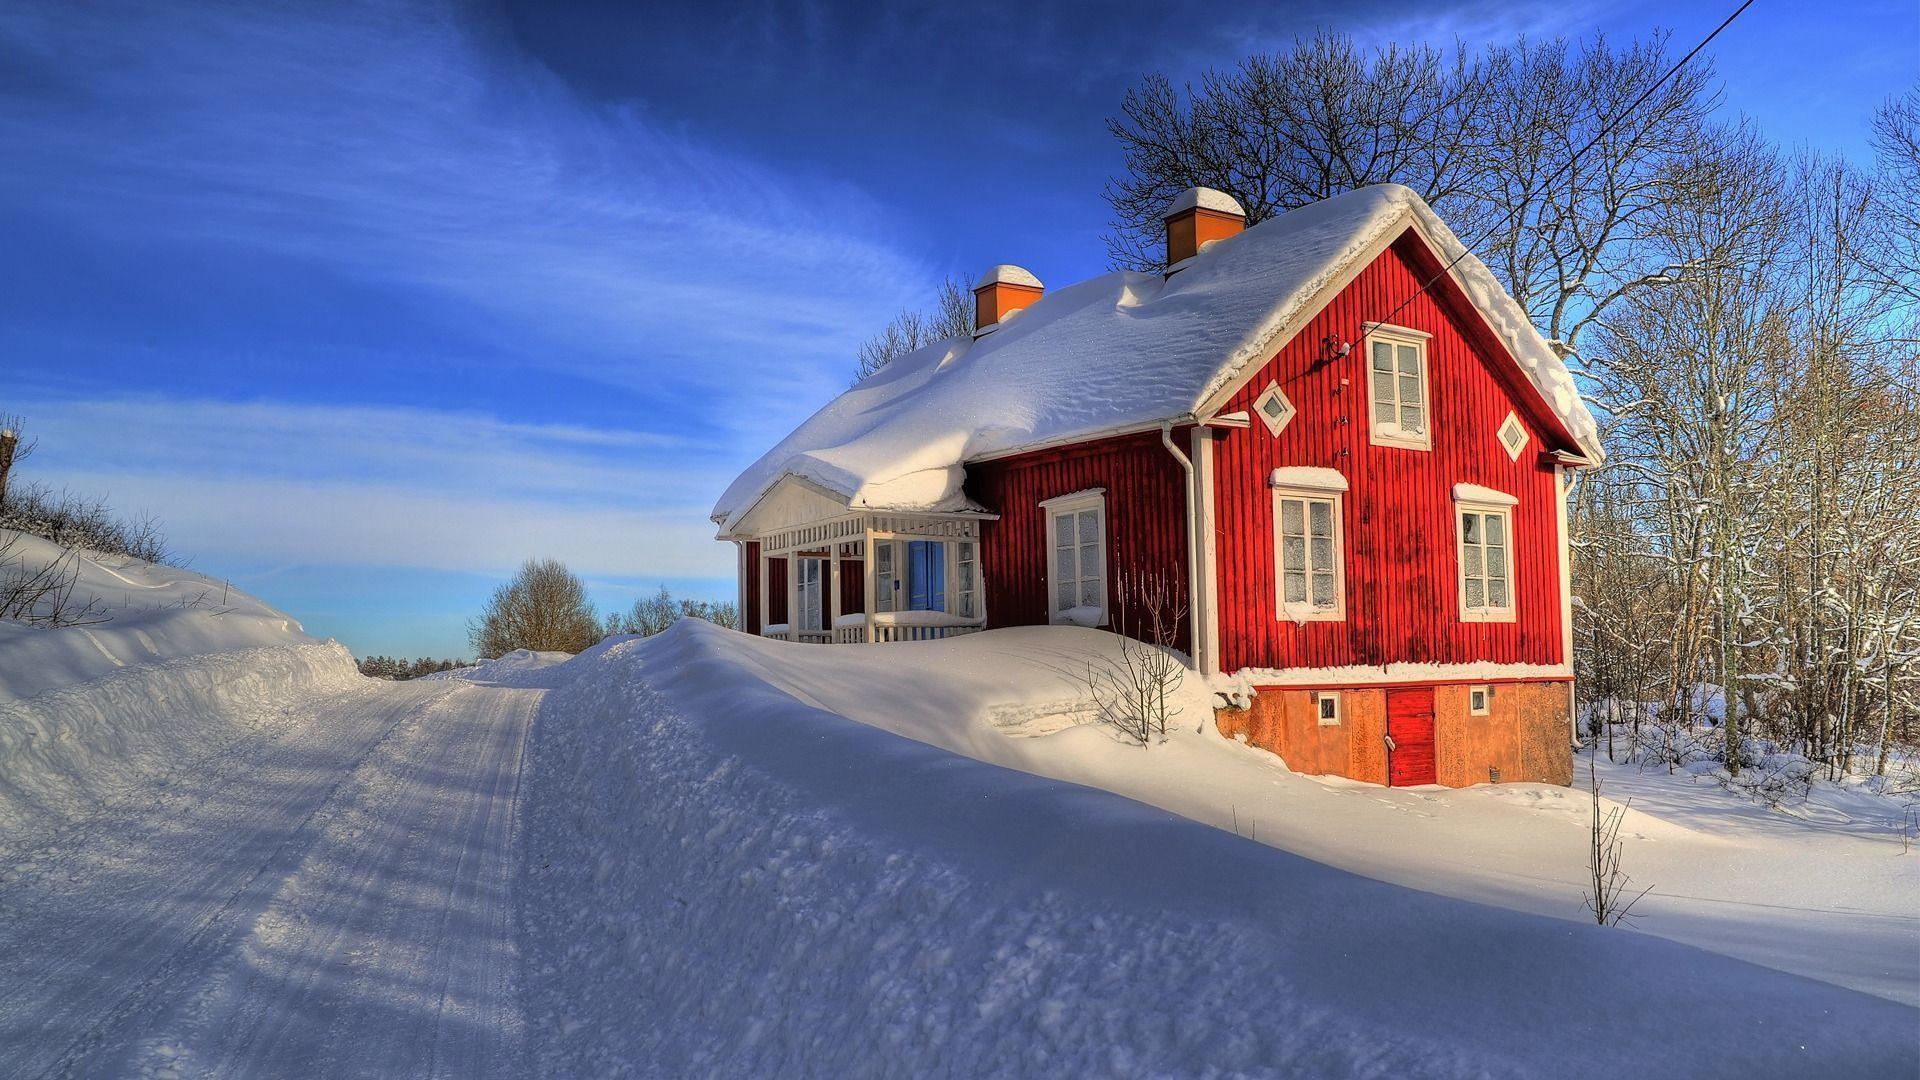 wallpaper.wiki-House-Between-Snow-HD-1920x1080p-Wallpaper-